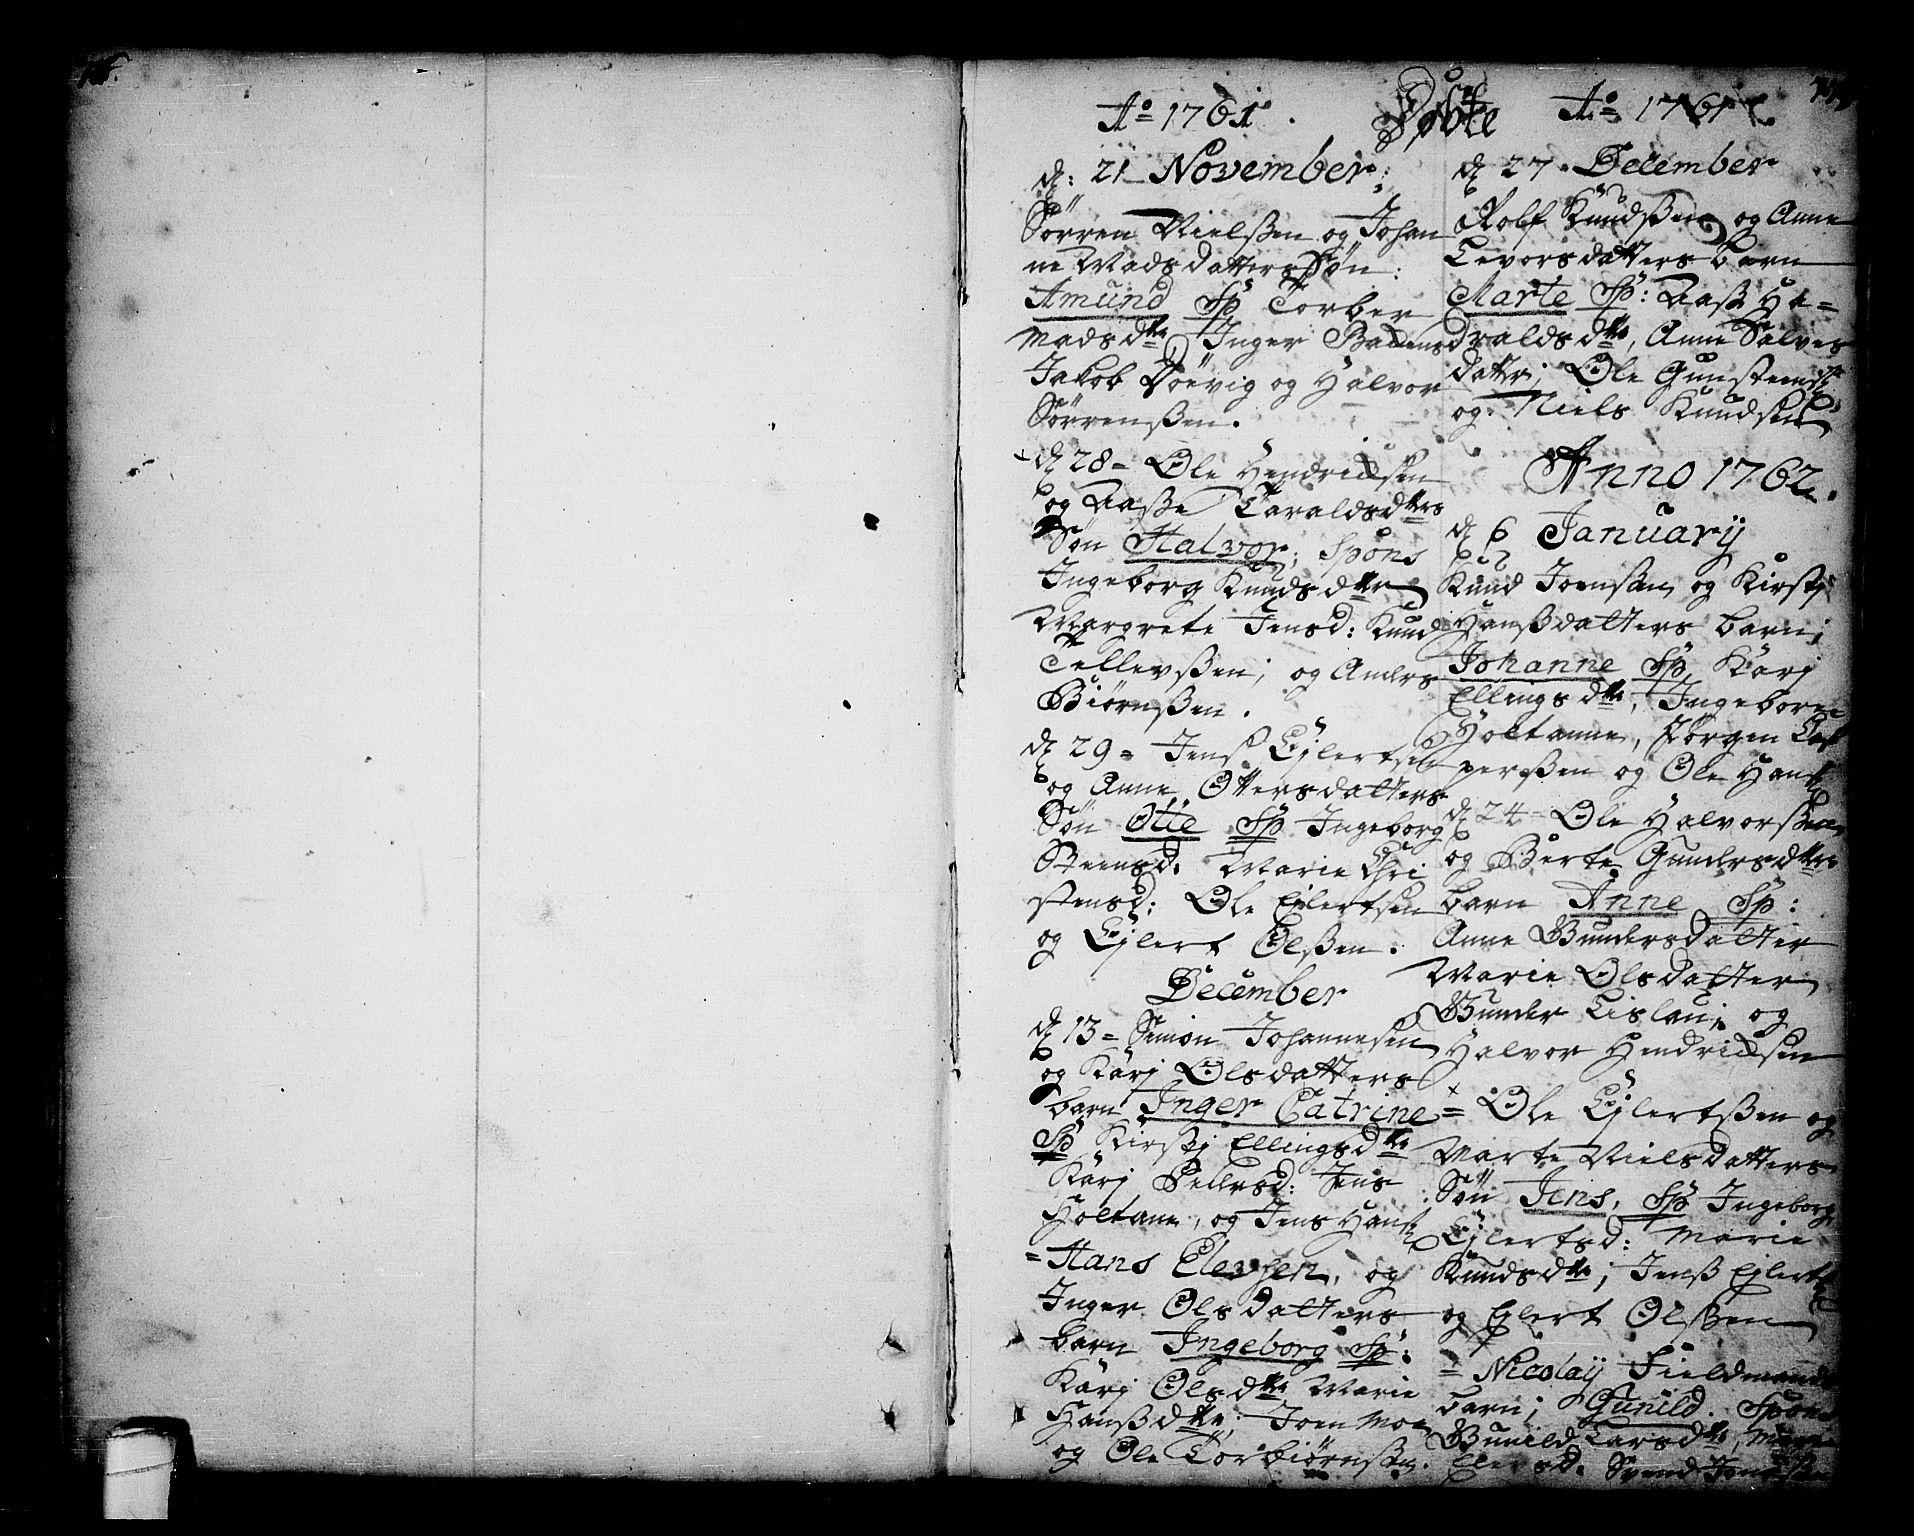 SAKO, Sannidal kirkebøker, F/Fa/L0001: Ministerialbok nr. 1, 1702-1766, s. 76-77